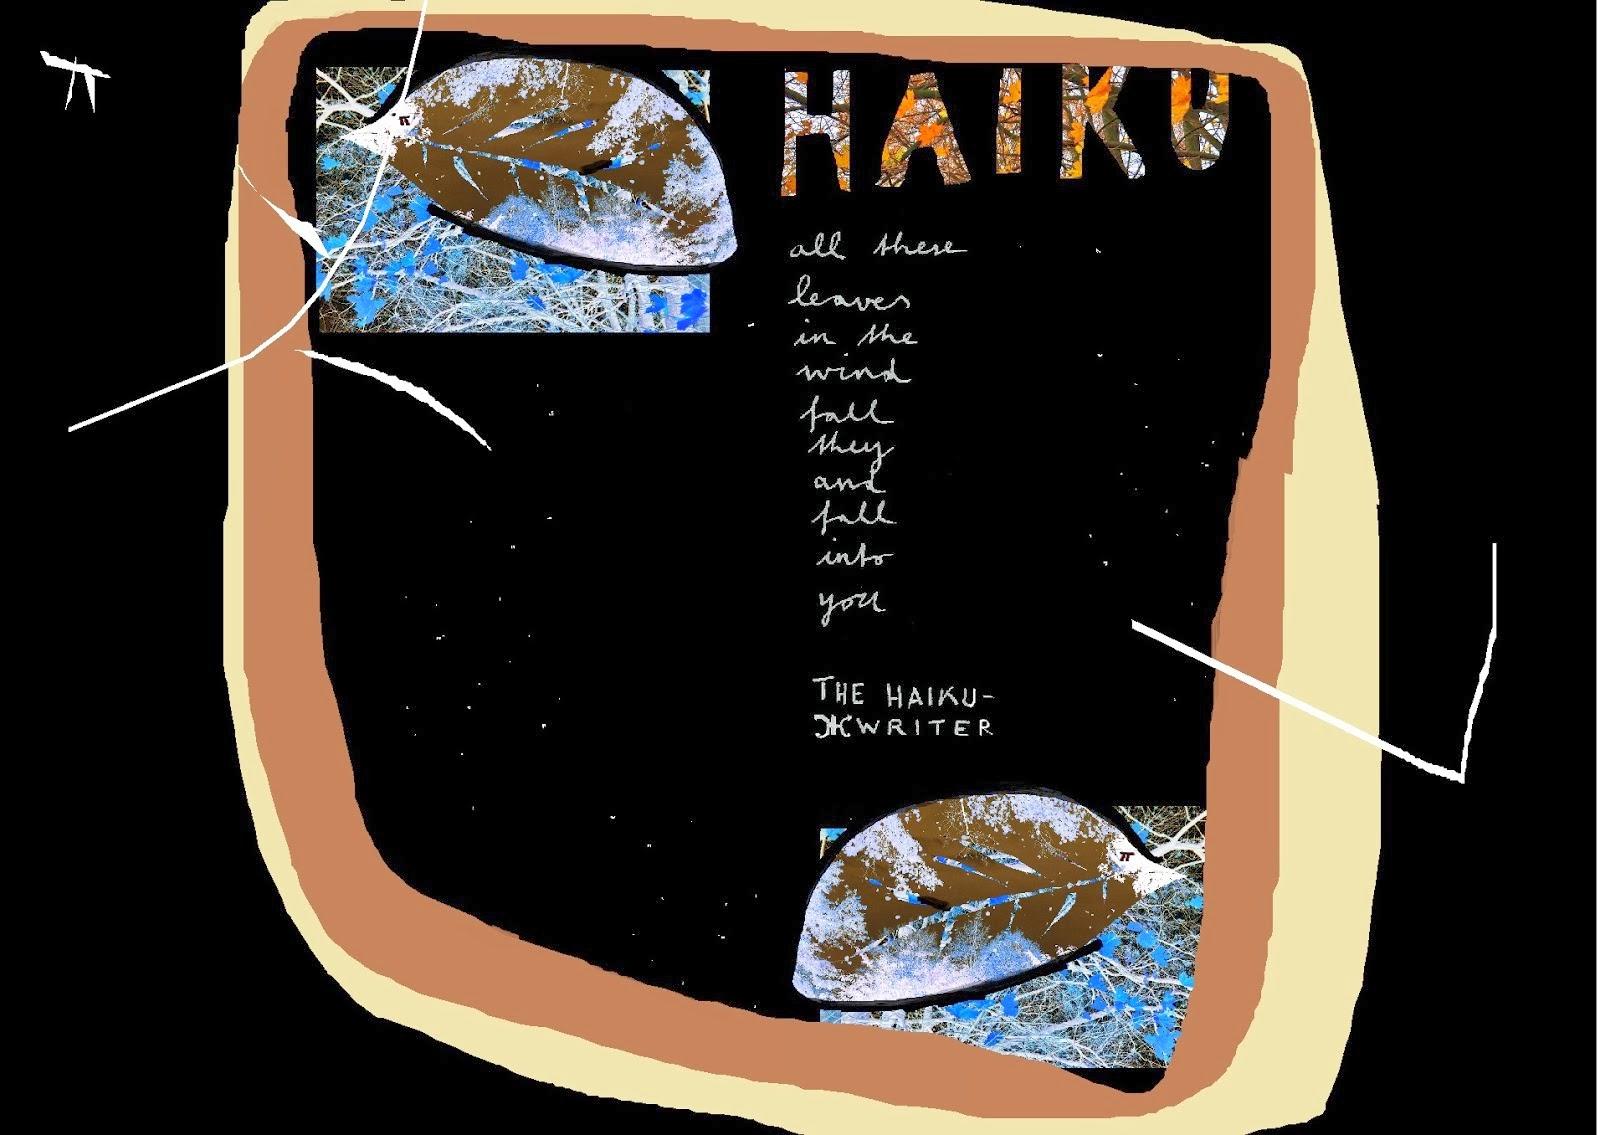 HAIKU - hacker berlin 2013 - freundschaftsvertrag 1953 - chanel - depardieu